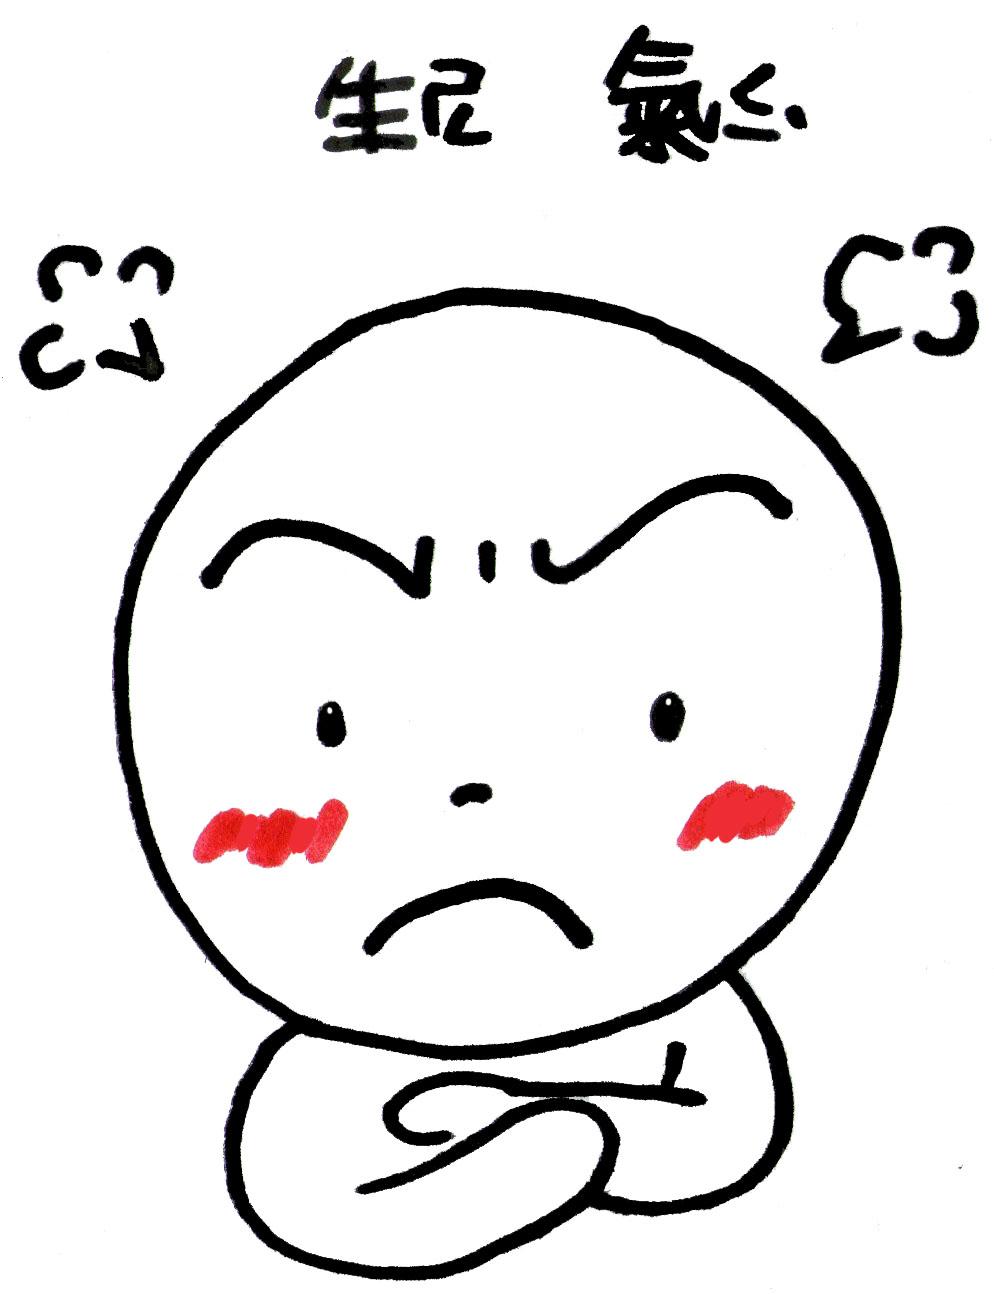 赤豬圈: 表情特徵 -- 生氣